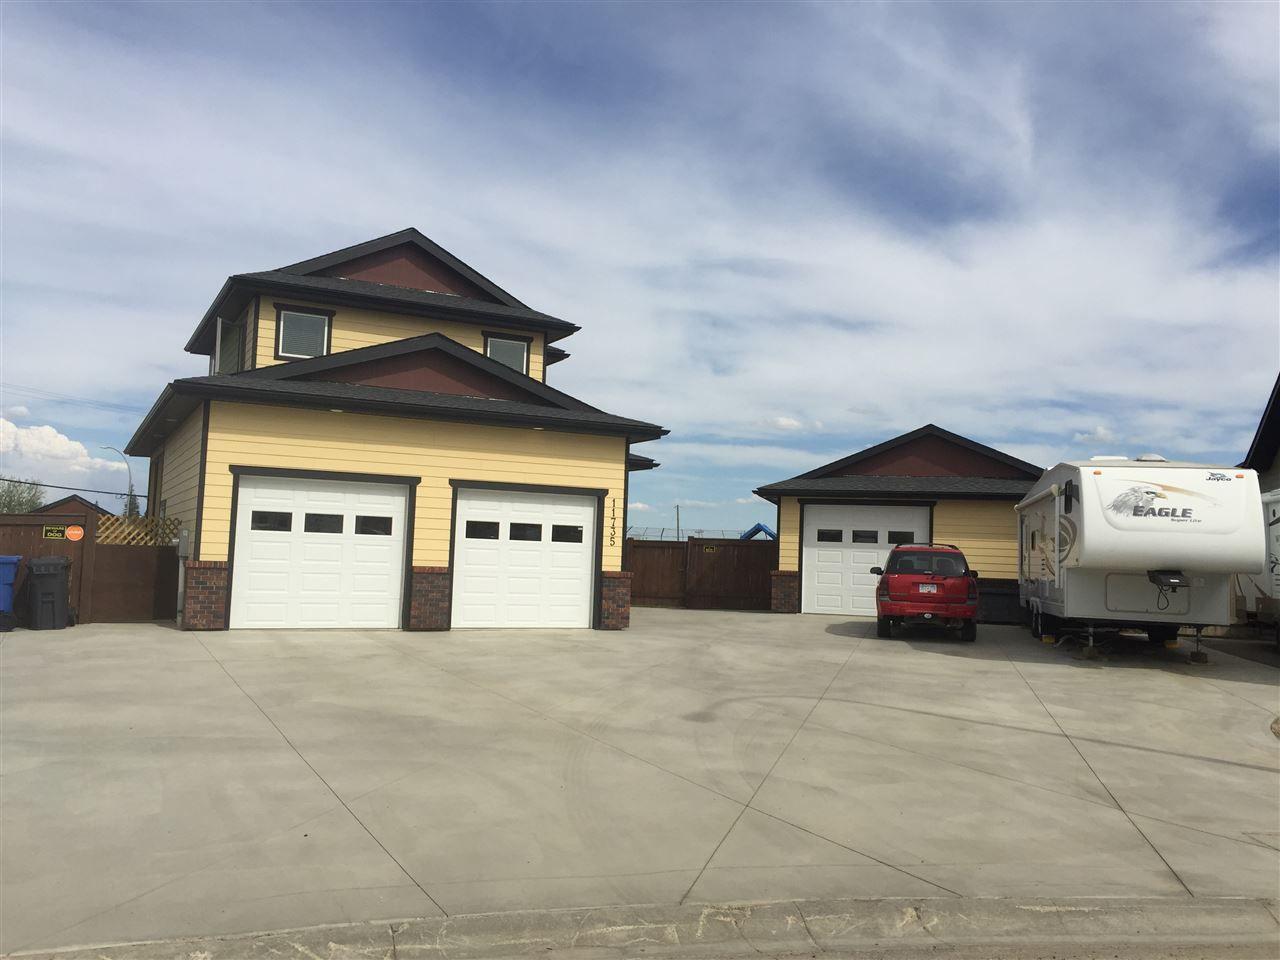 Main Photo: 11735 96A Street in Fort St. John: Fort St. John - City NE House for sale (Fort St. John (Zone 60))  : MLS®# R2376415